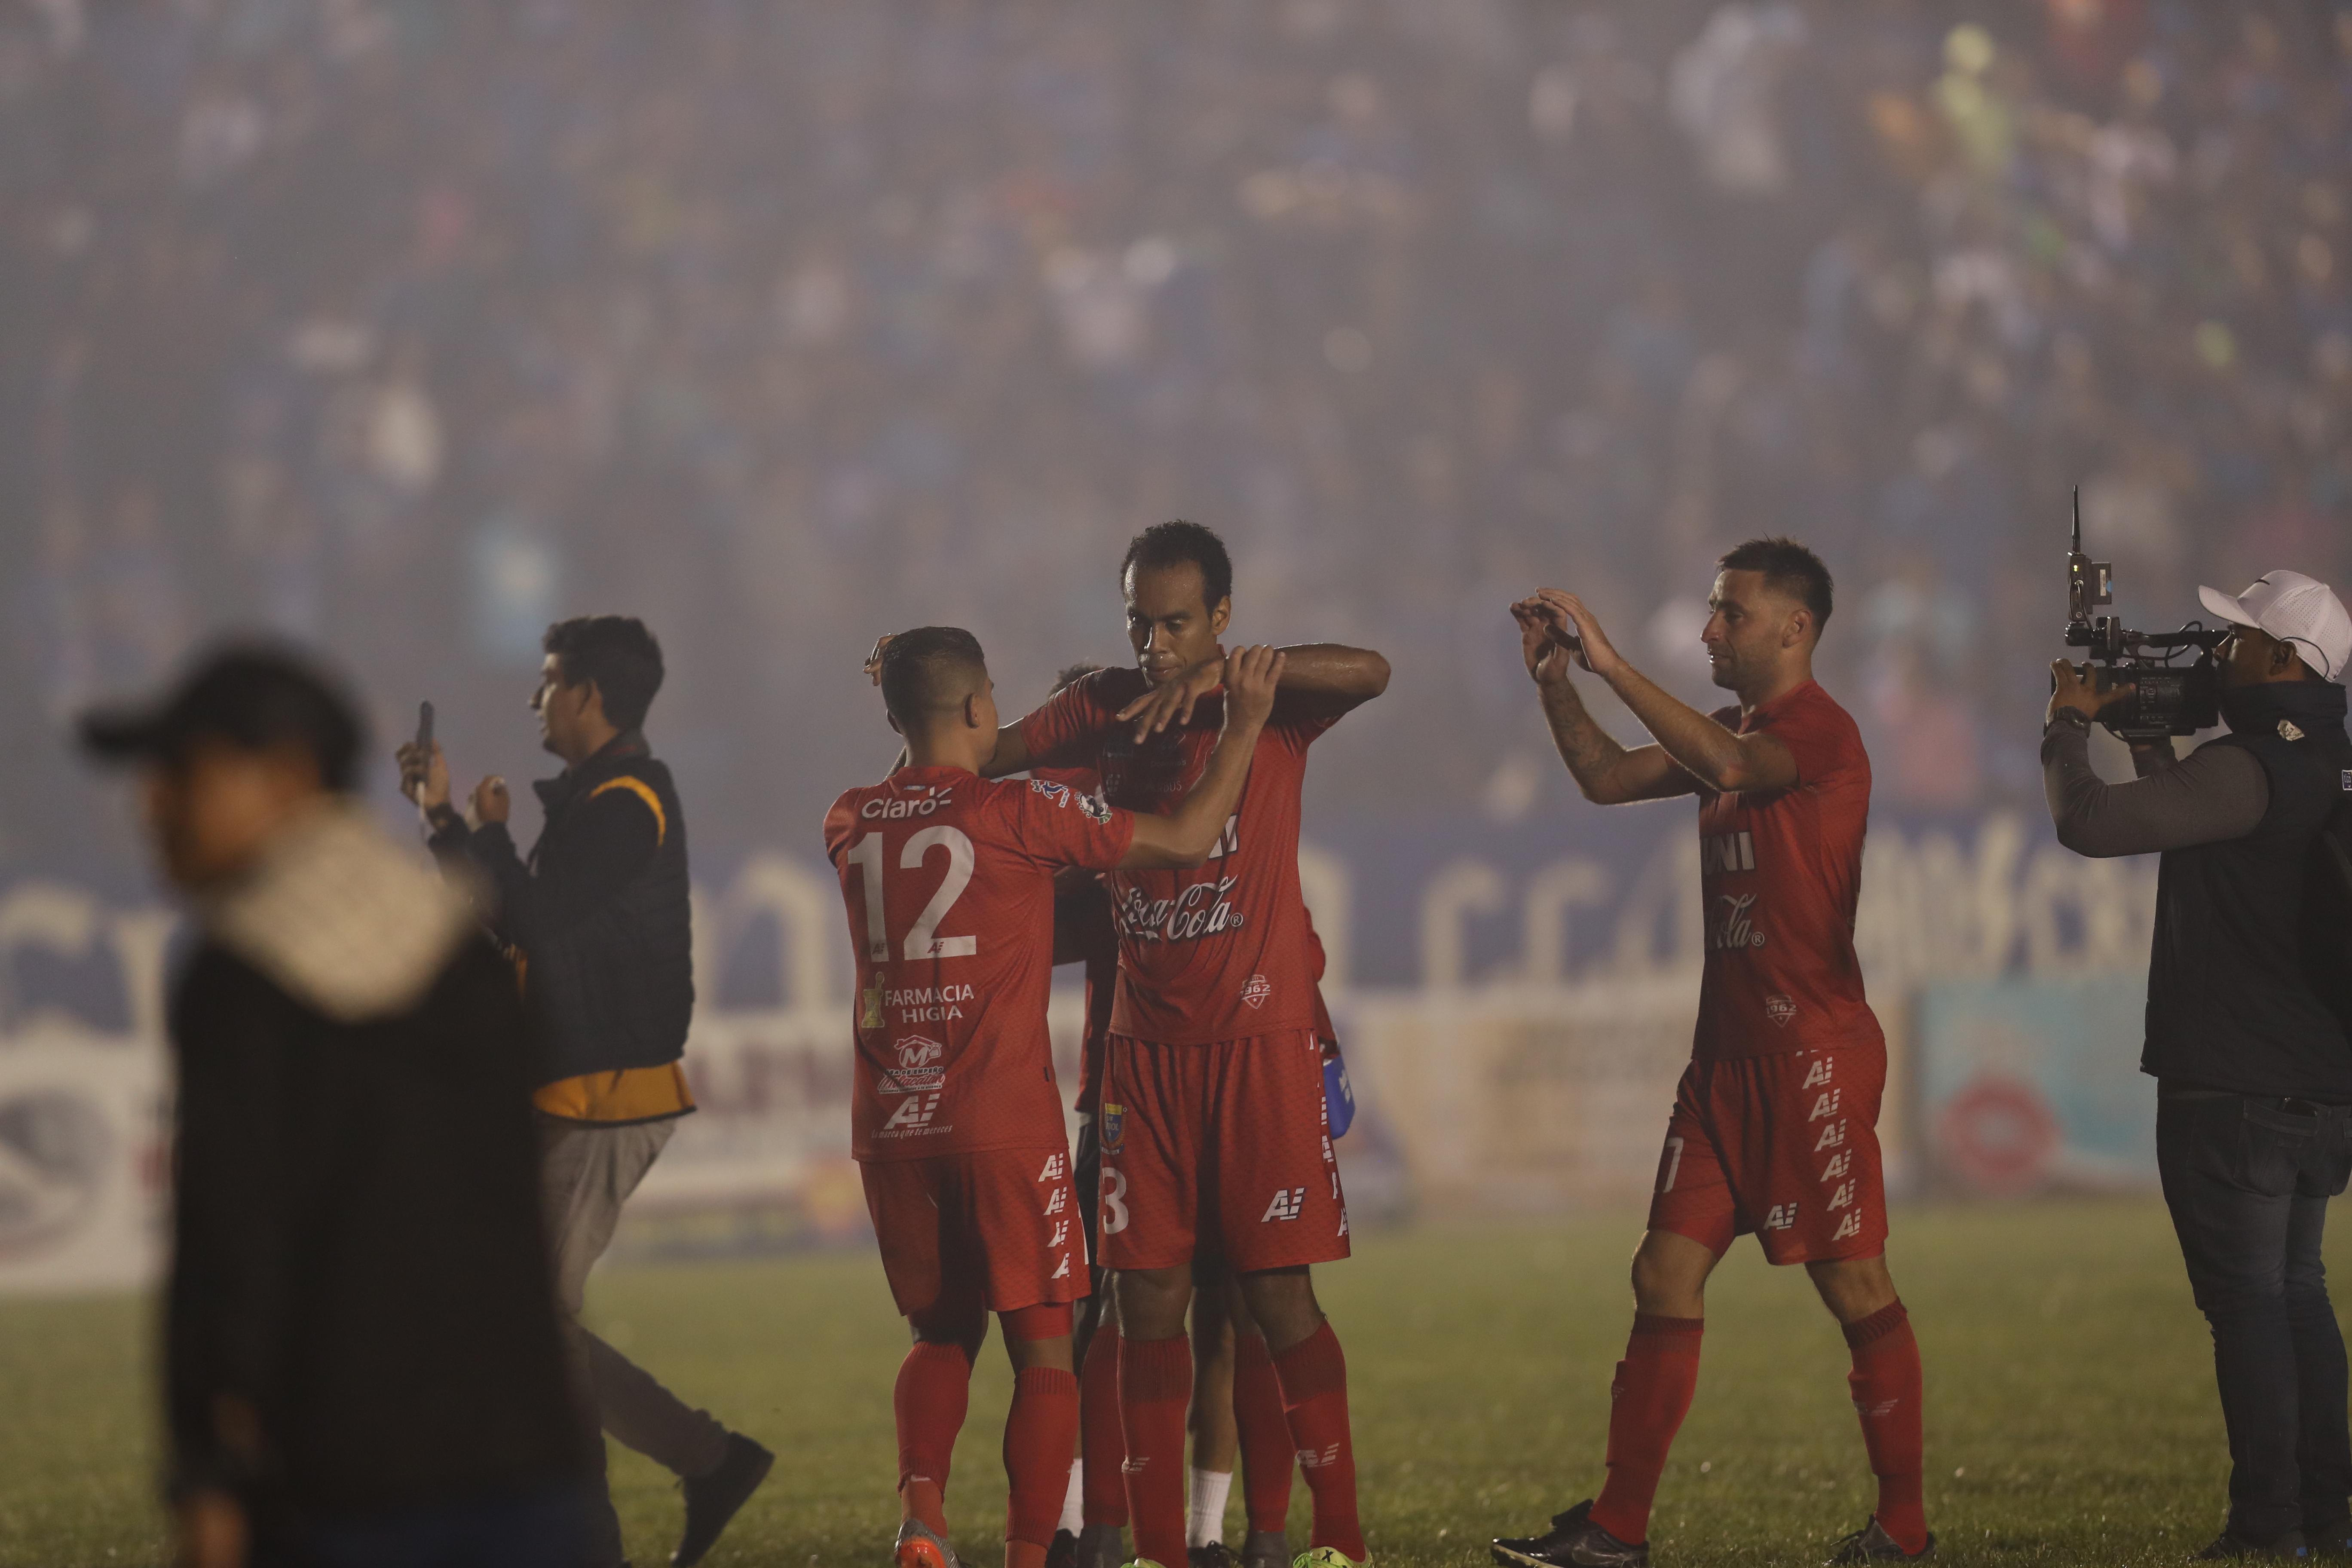 Fulminante golpe de Enzo Herrera casi al final del juego. Malacateco pasó a la final. (Foto Prensa Libre: Francisco Sánchez)